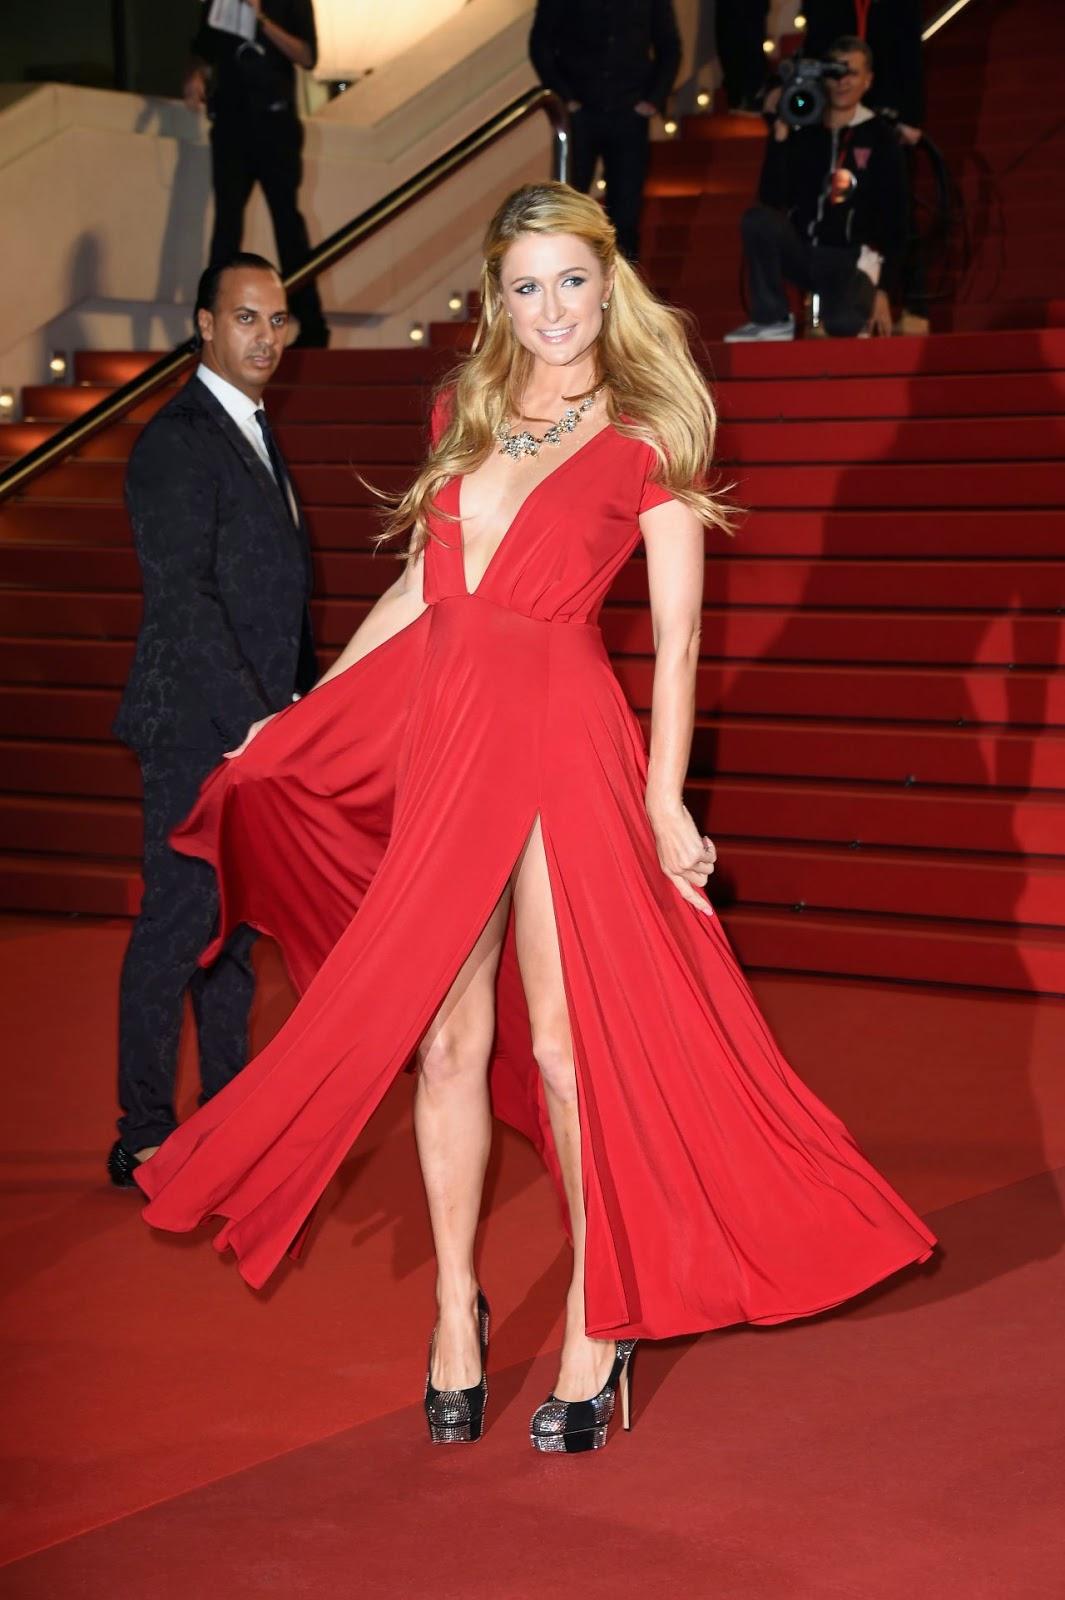 الجميلة باريس هيلتون بثوب أحمر جذاب خلال حفل NRJ Music Awards في كان